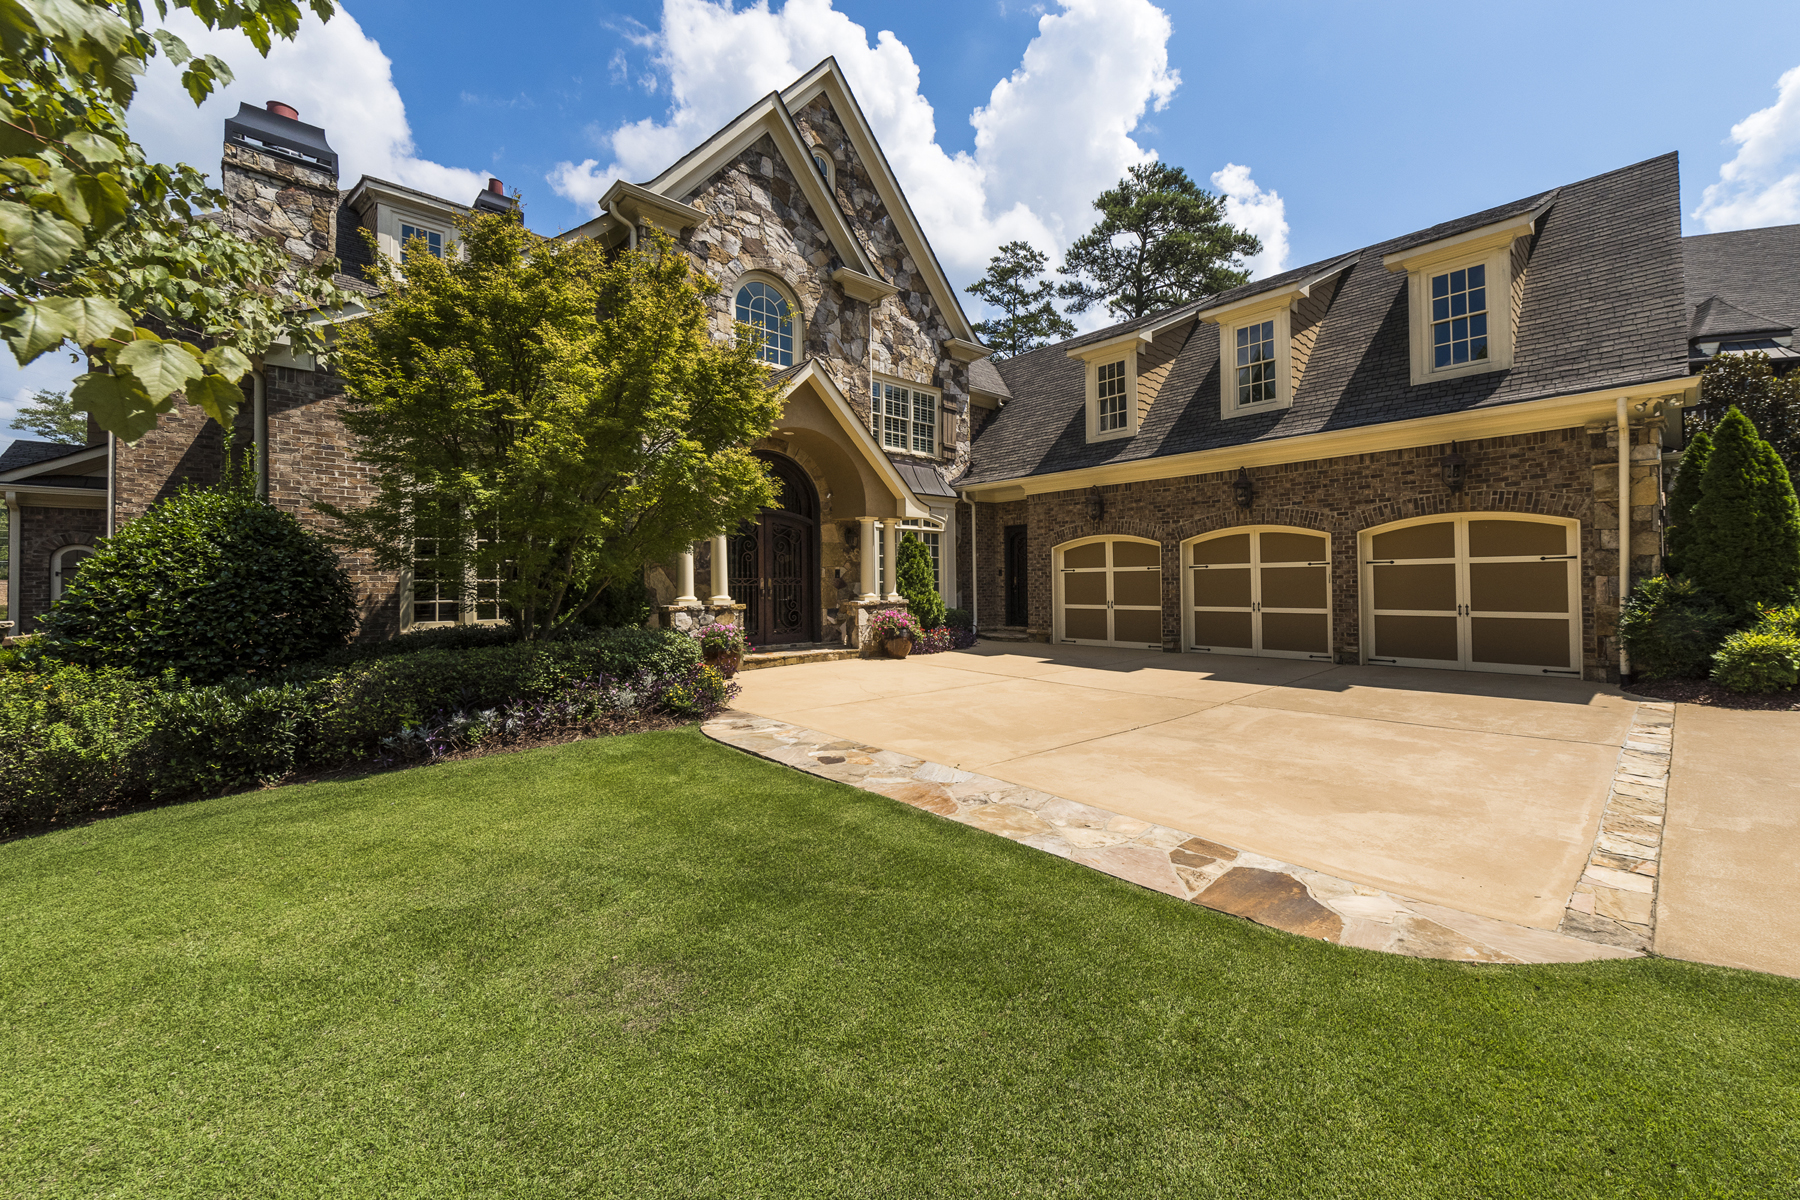 一戸建て のために 売買 アット Exquisite East Cobb Estate 5115 Greythorne Lane Marietta, ジョージア, 30068 アメリカ合衆国